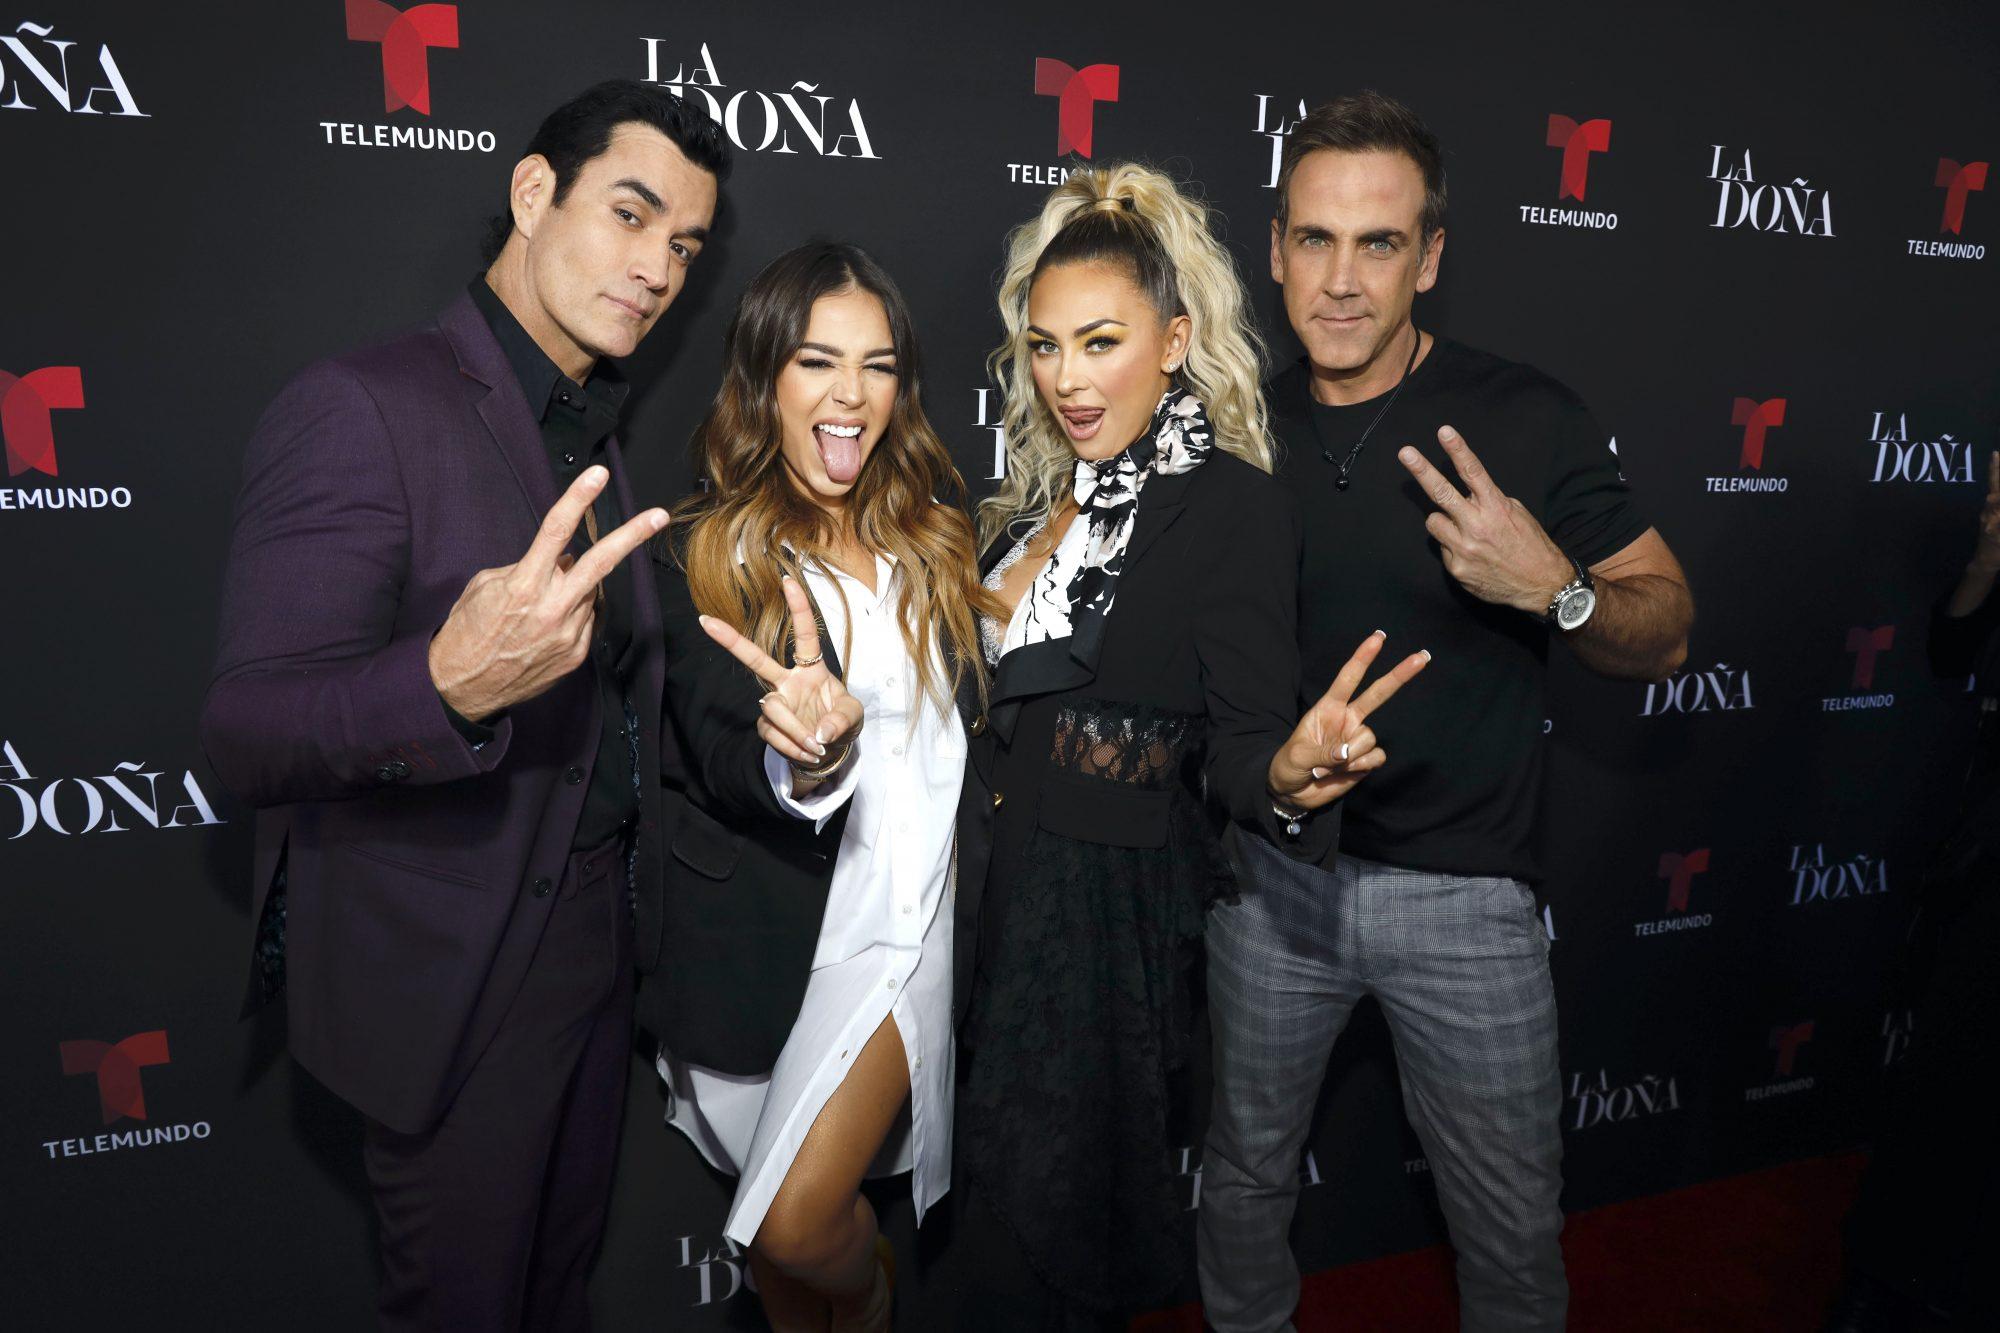 David Zepeda, Aracely Arámbula y Carlos Ponce